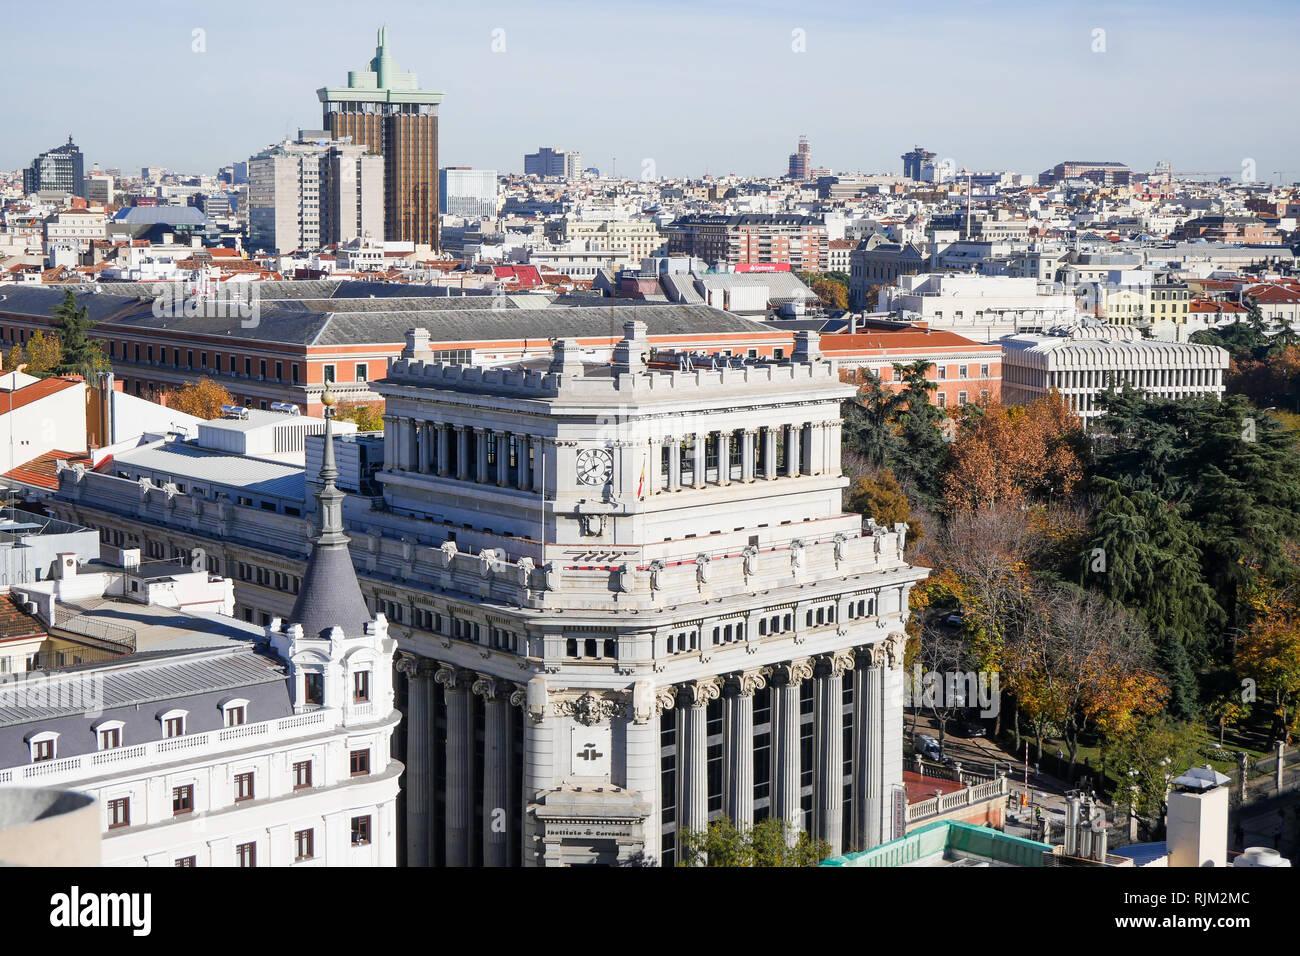 Architecture, Calle de Alcalá, Madrid, Spain - Stock Image